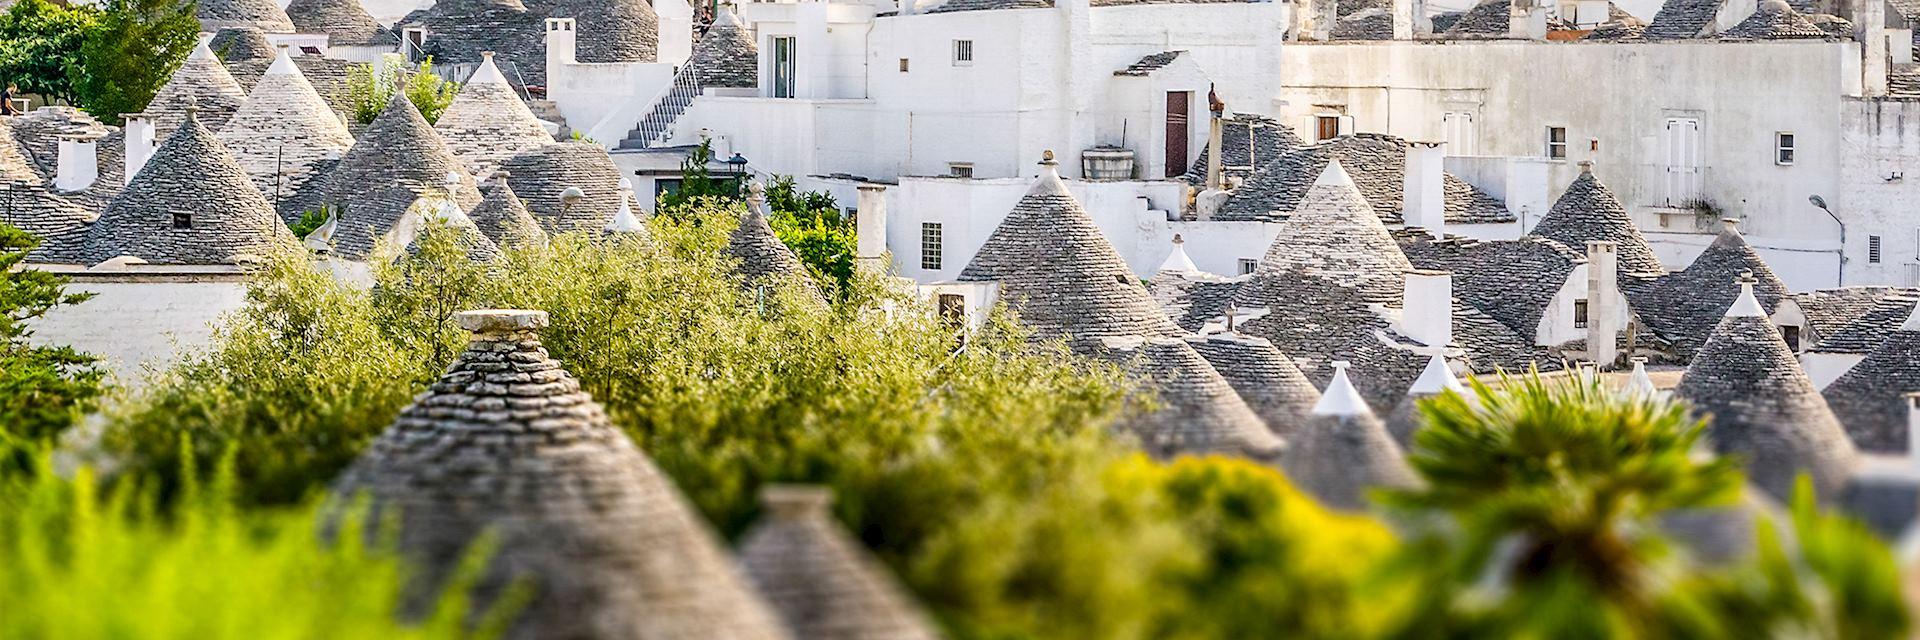 Alberobello in Puglia, Italy